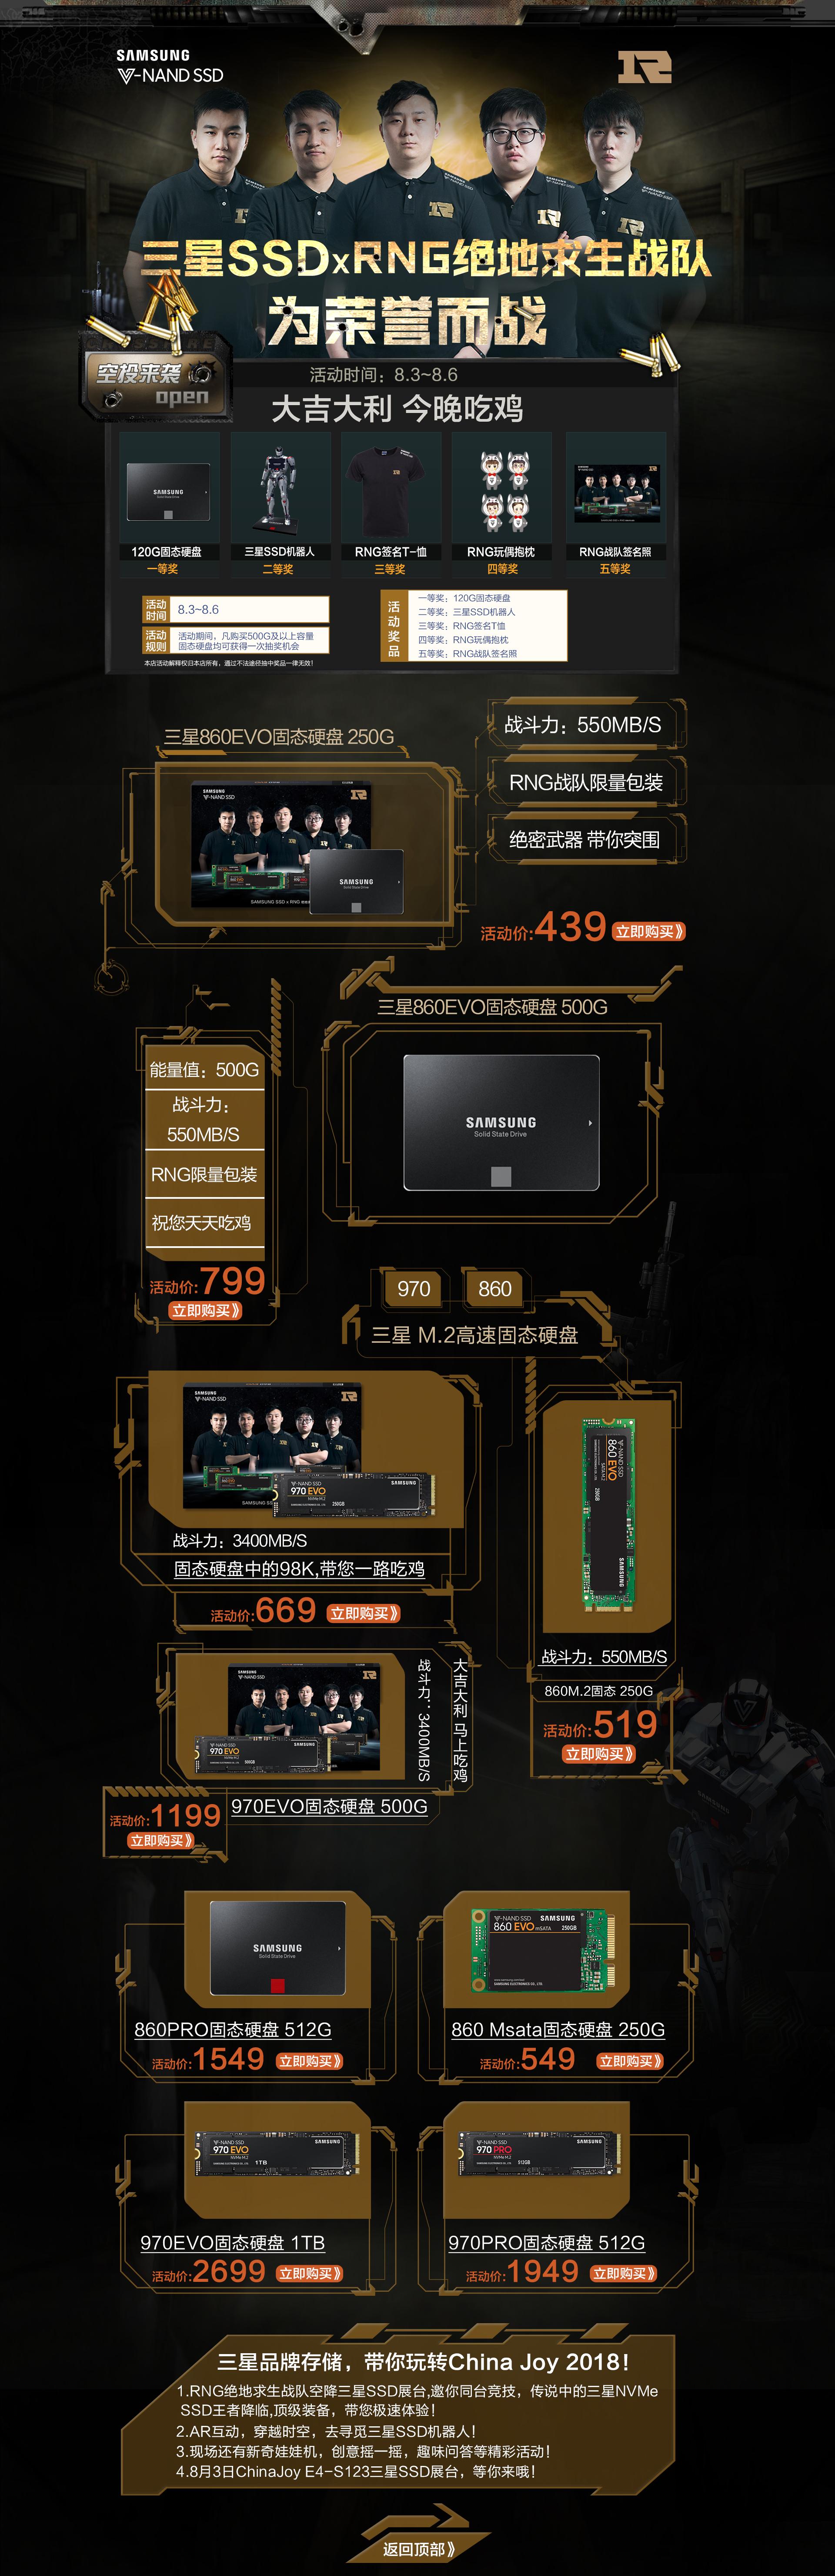 助力ChinaJoy, RNG包装三星SSD限量发行!